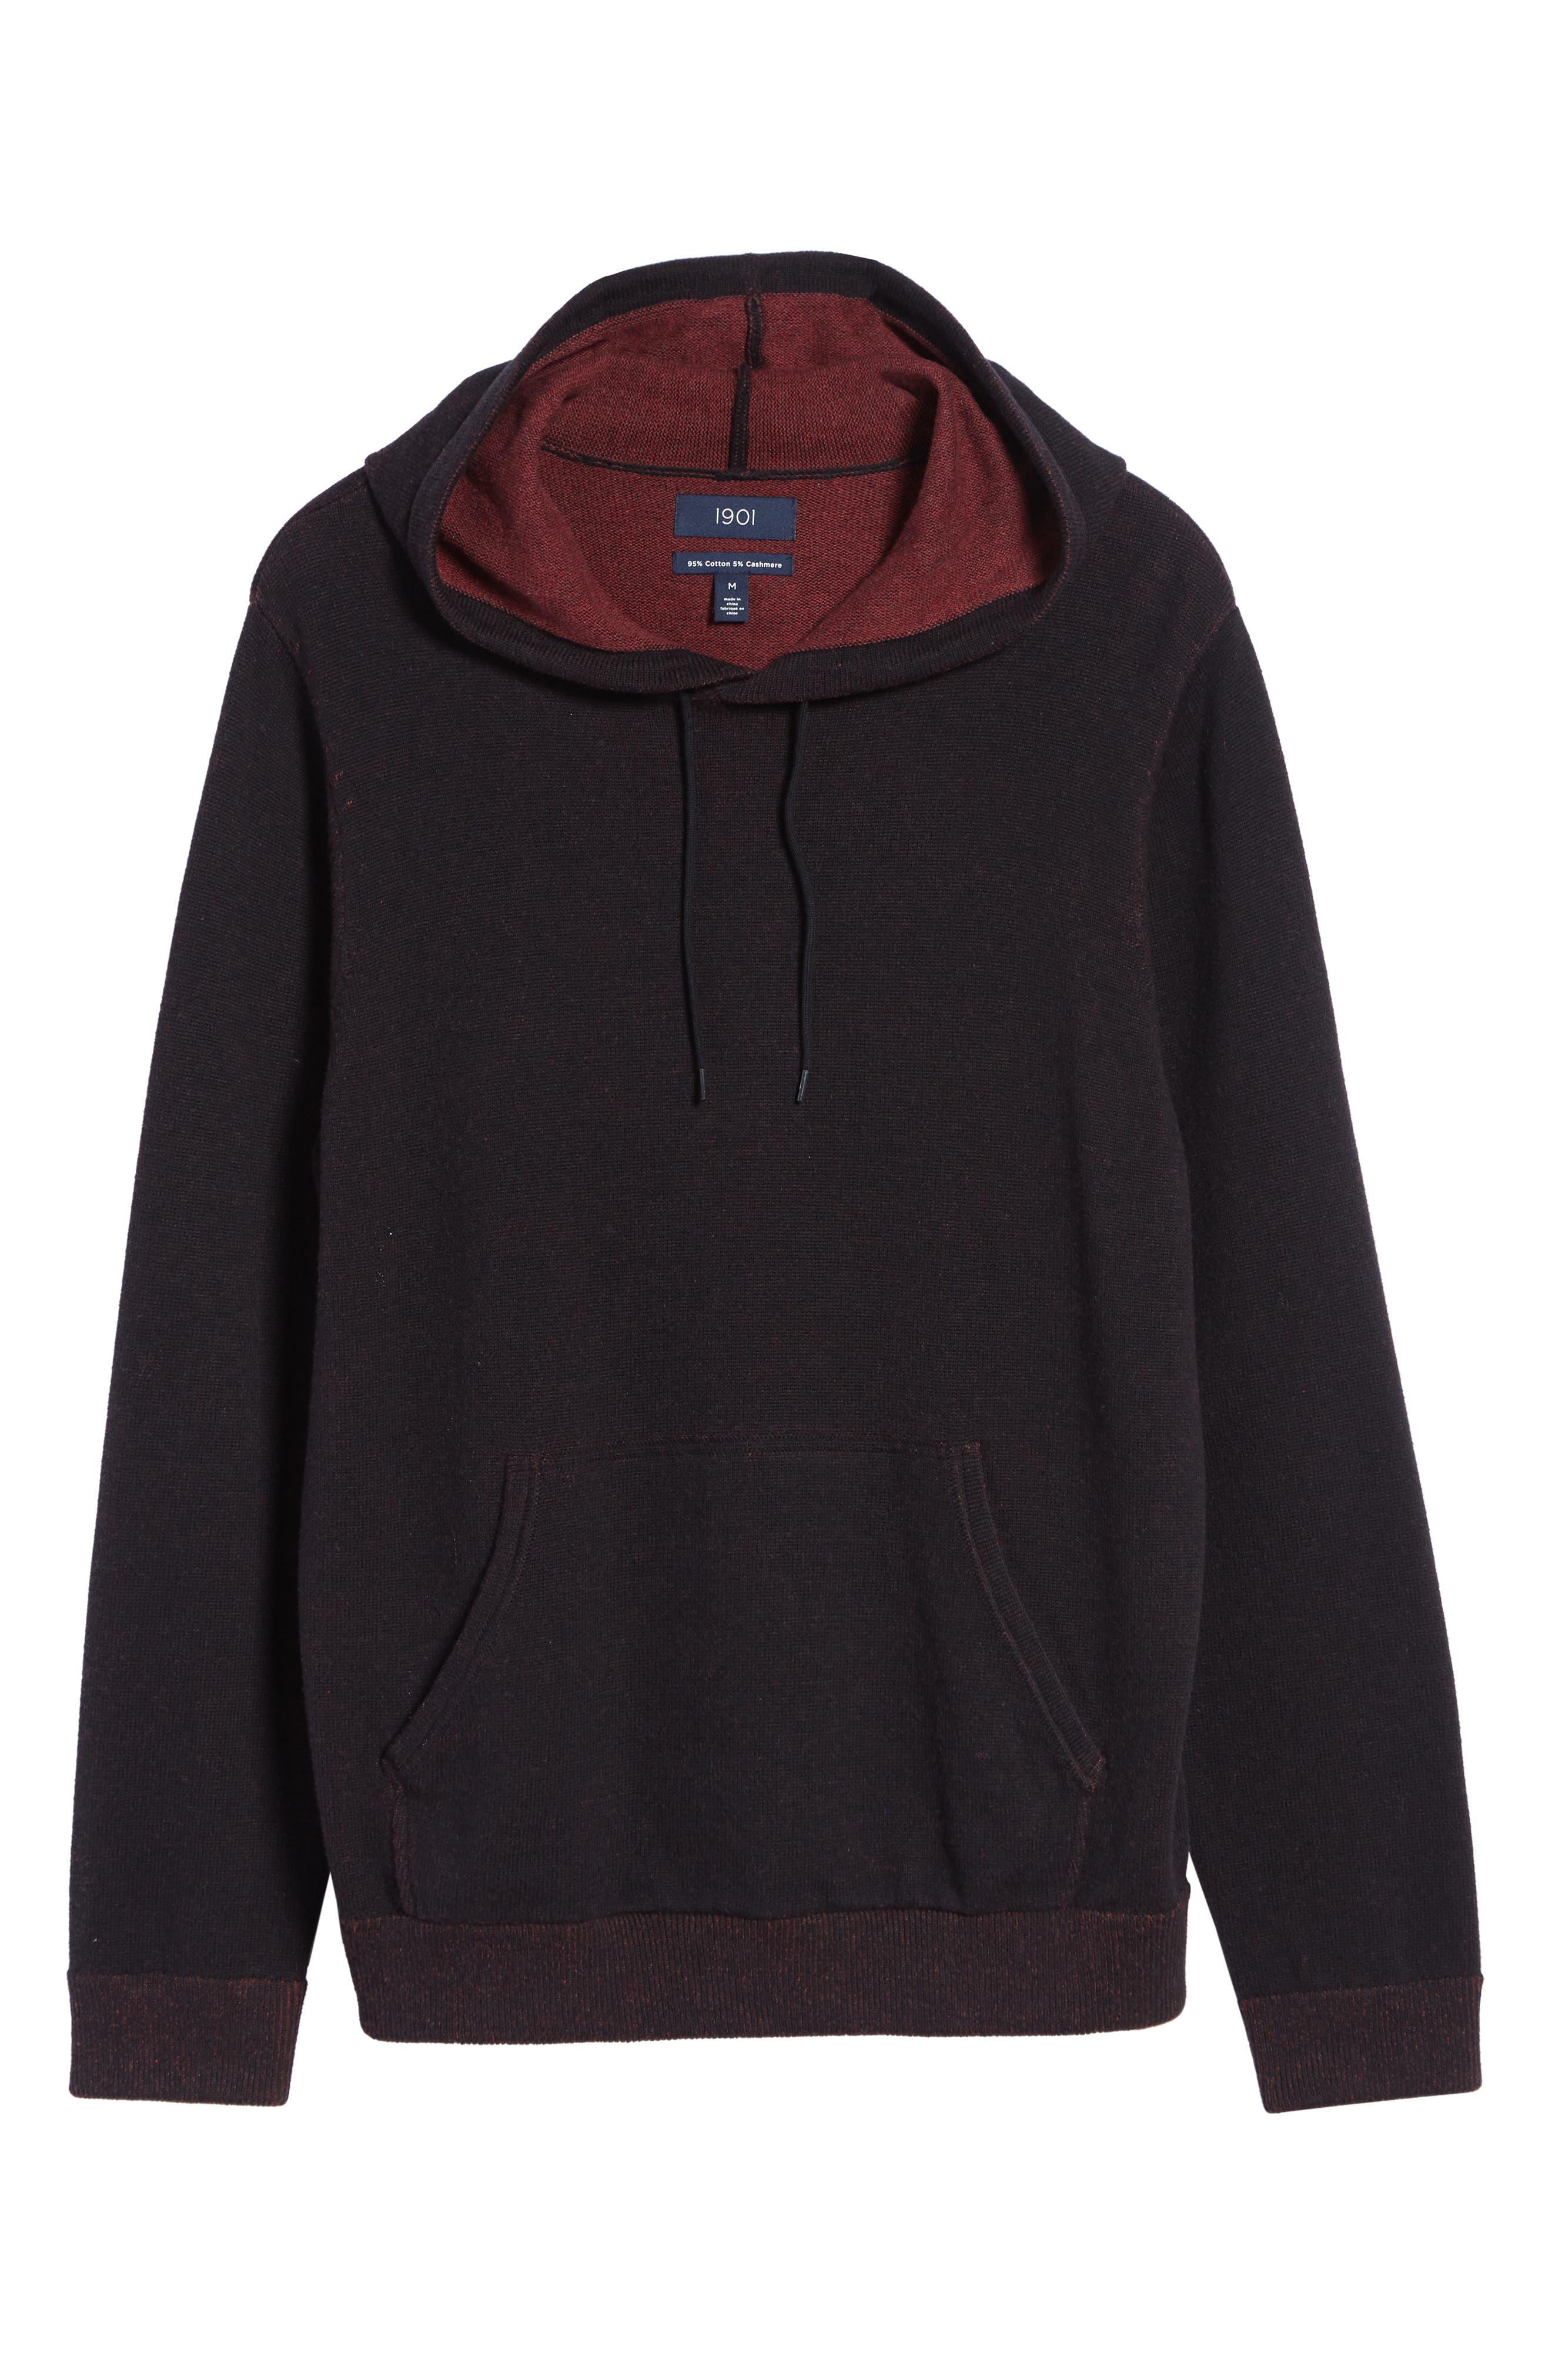 Regular Fit Cotton & Cashmere Hoodie,                             Alternate thumbnail 6, color,                             BLACK CAVIAR